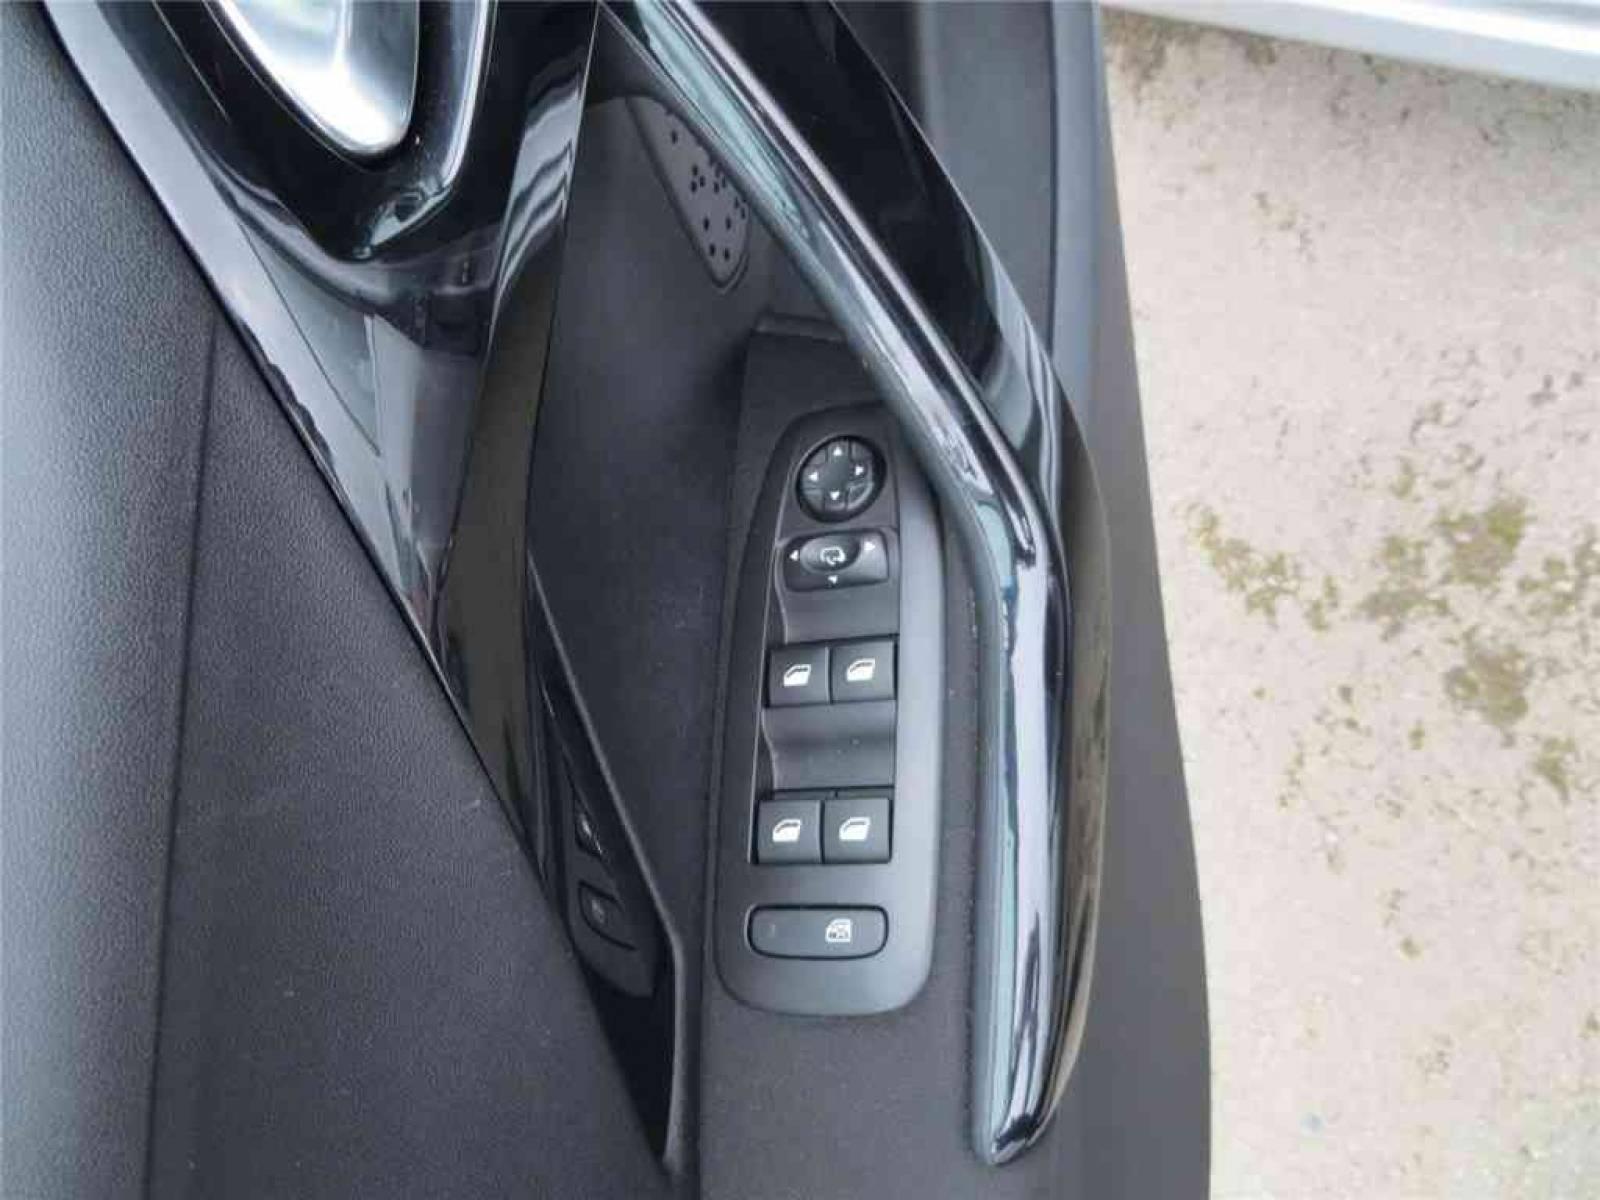 PEUGEOT 208 1.2 PureTech 82ch BVM5 - véhicule d'occasion - Groupe Guillet - Opel Magicauto - Chalon-sur-Saône - 71380 - Saint-Marcel - 11